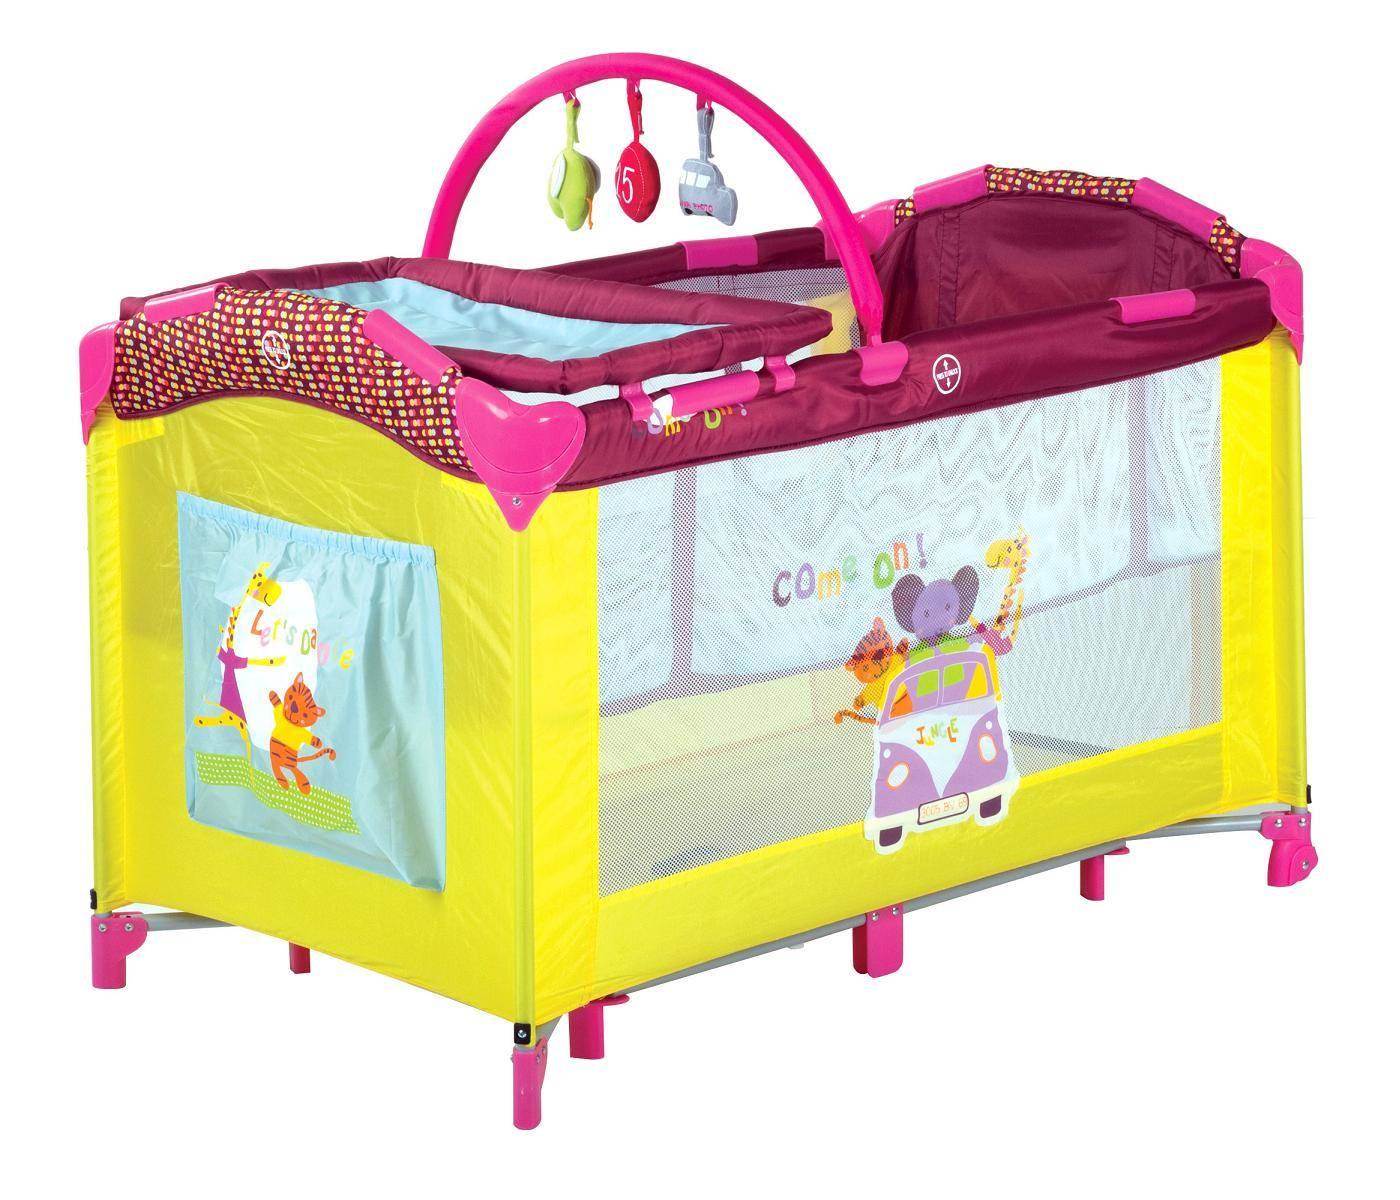 Кроватка-манеж – это современная детская мебель, которая объединяет в себе сразу несколько функций, она служит ребенку не только местом для сна, в то же время она может играть роль пространства для игры и бодрствования малыша.